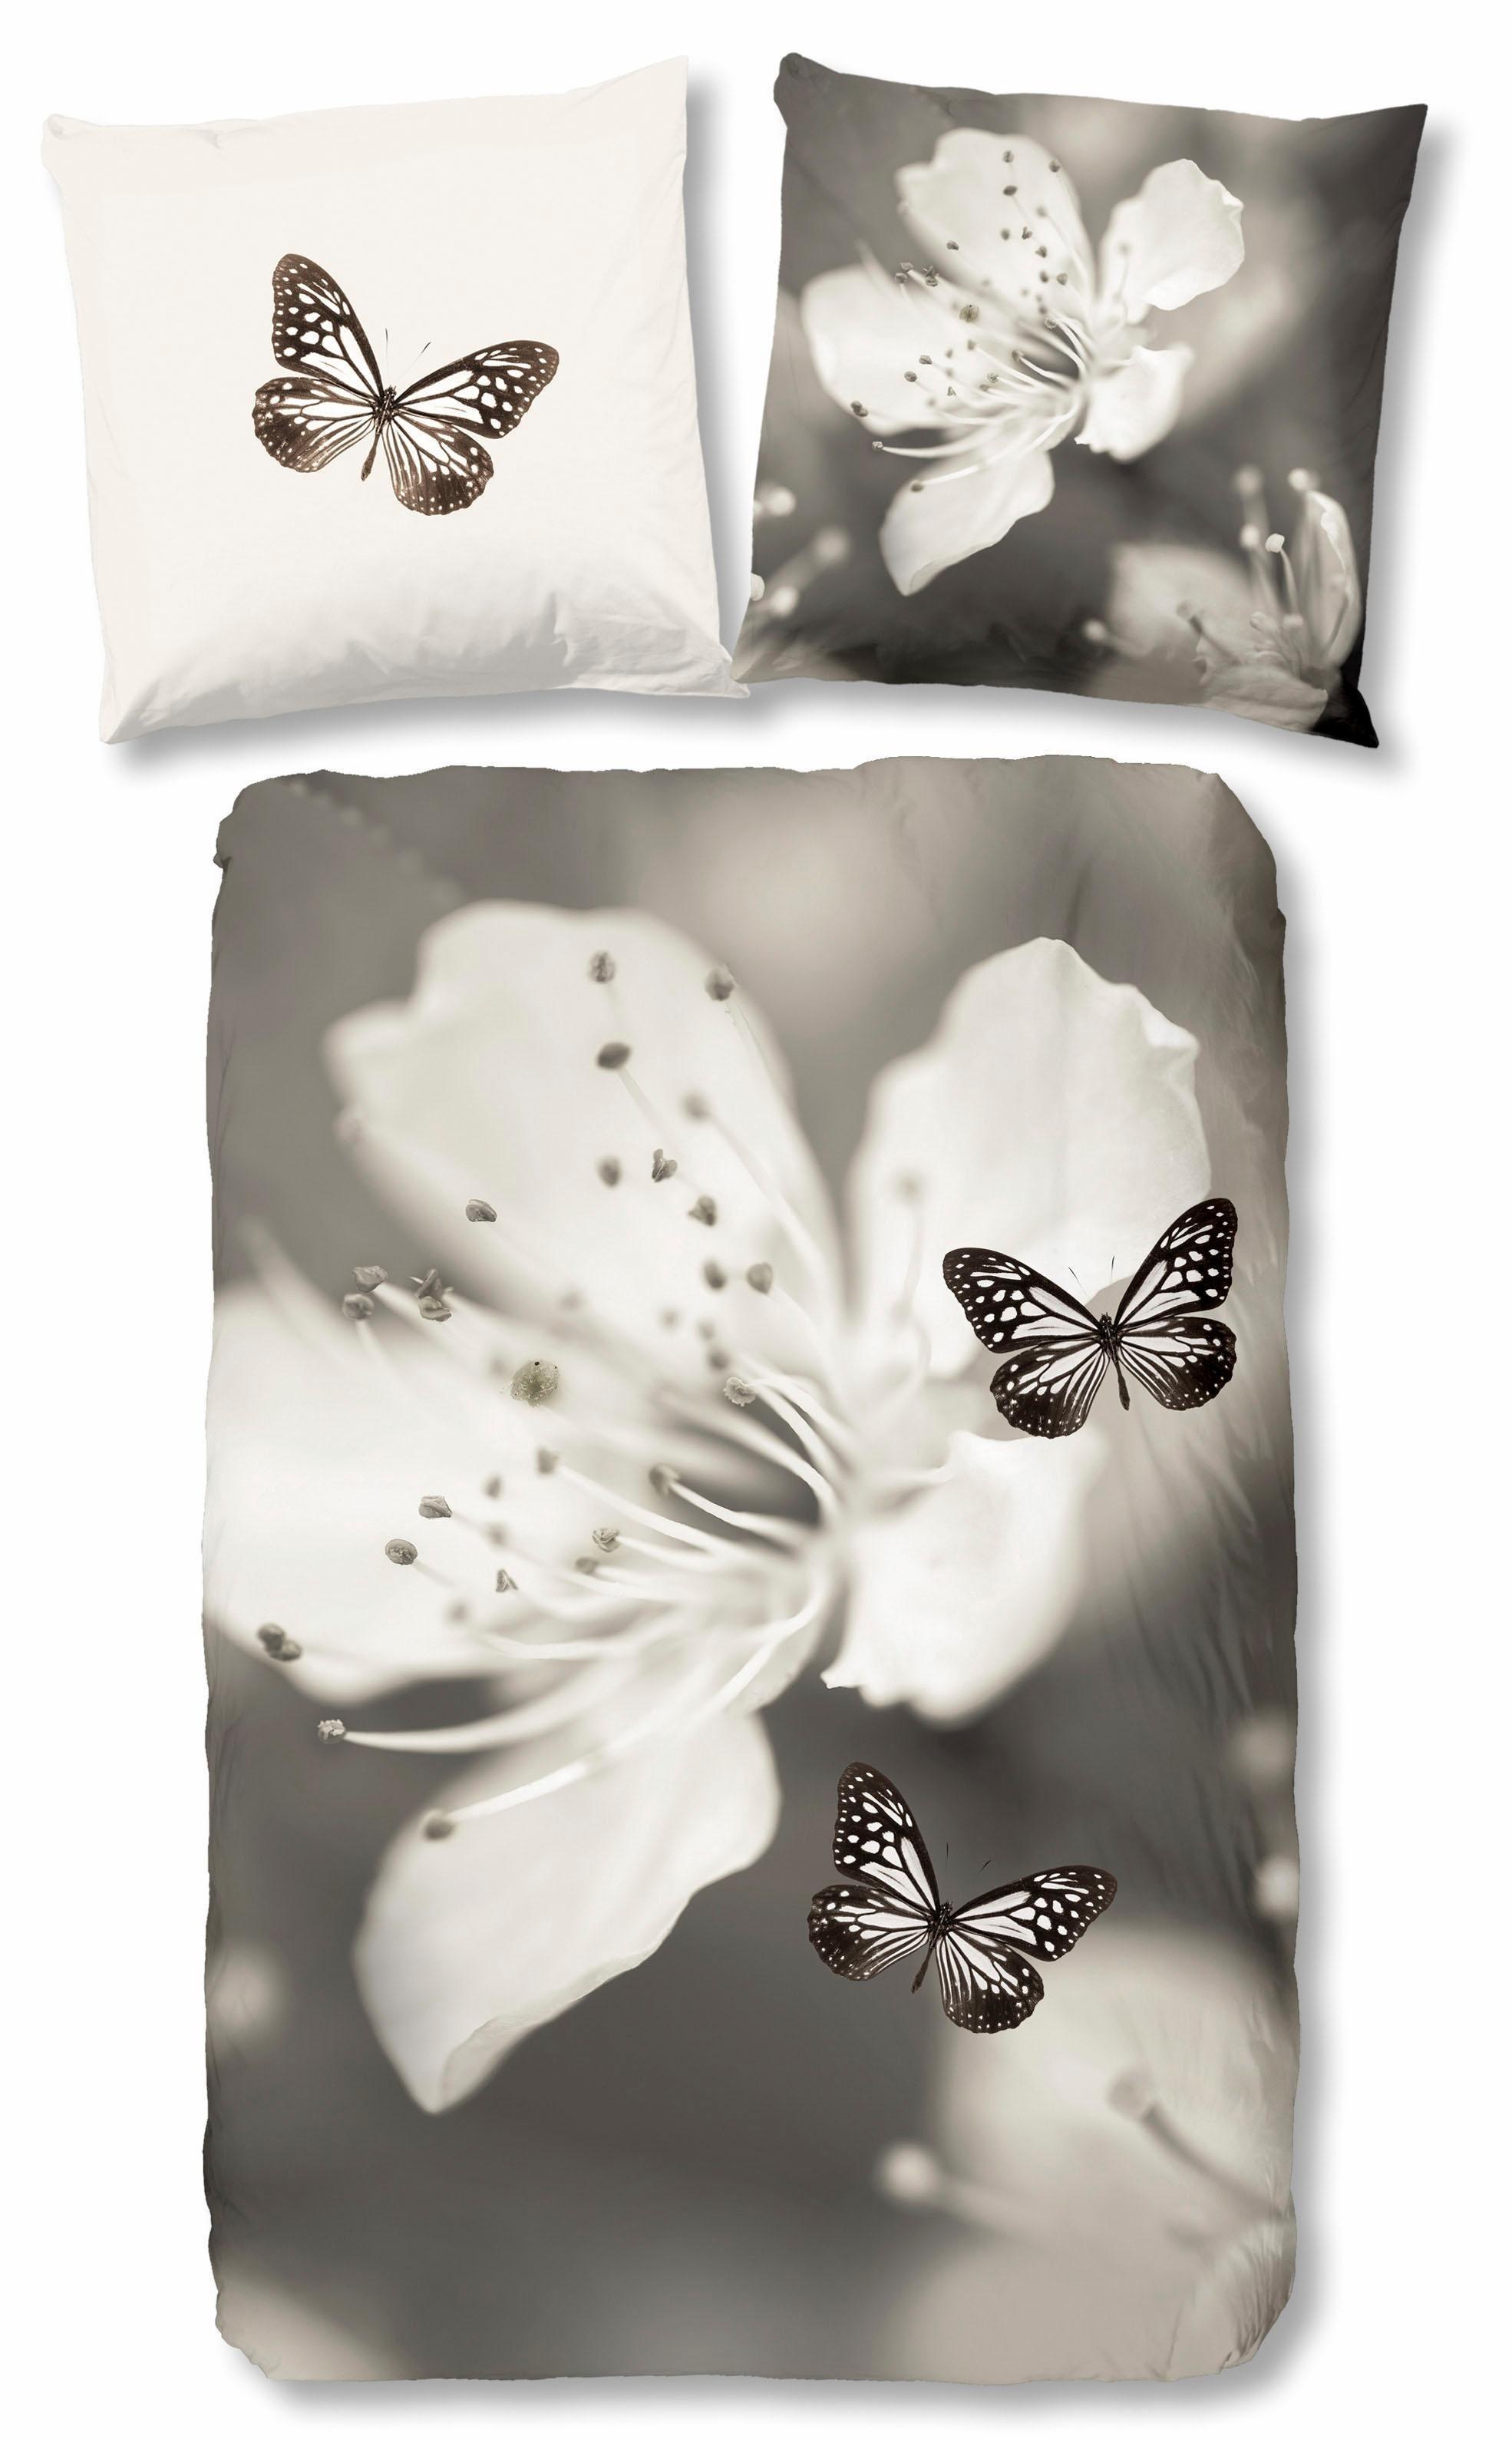 schmetterlings string preisvergleich die besten angebote online kaufen. Black Bedroom Furniture Sets. Home Design Ideas